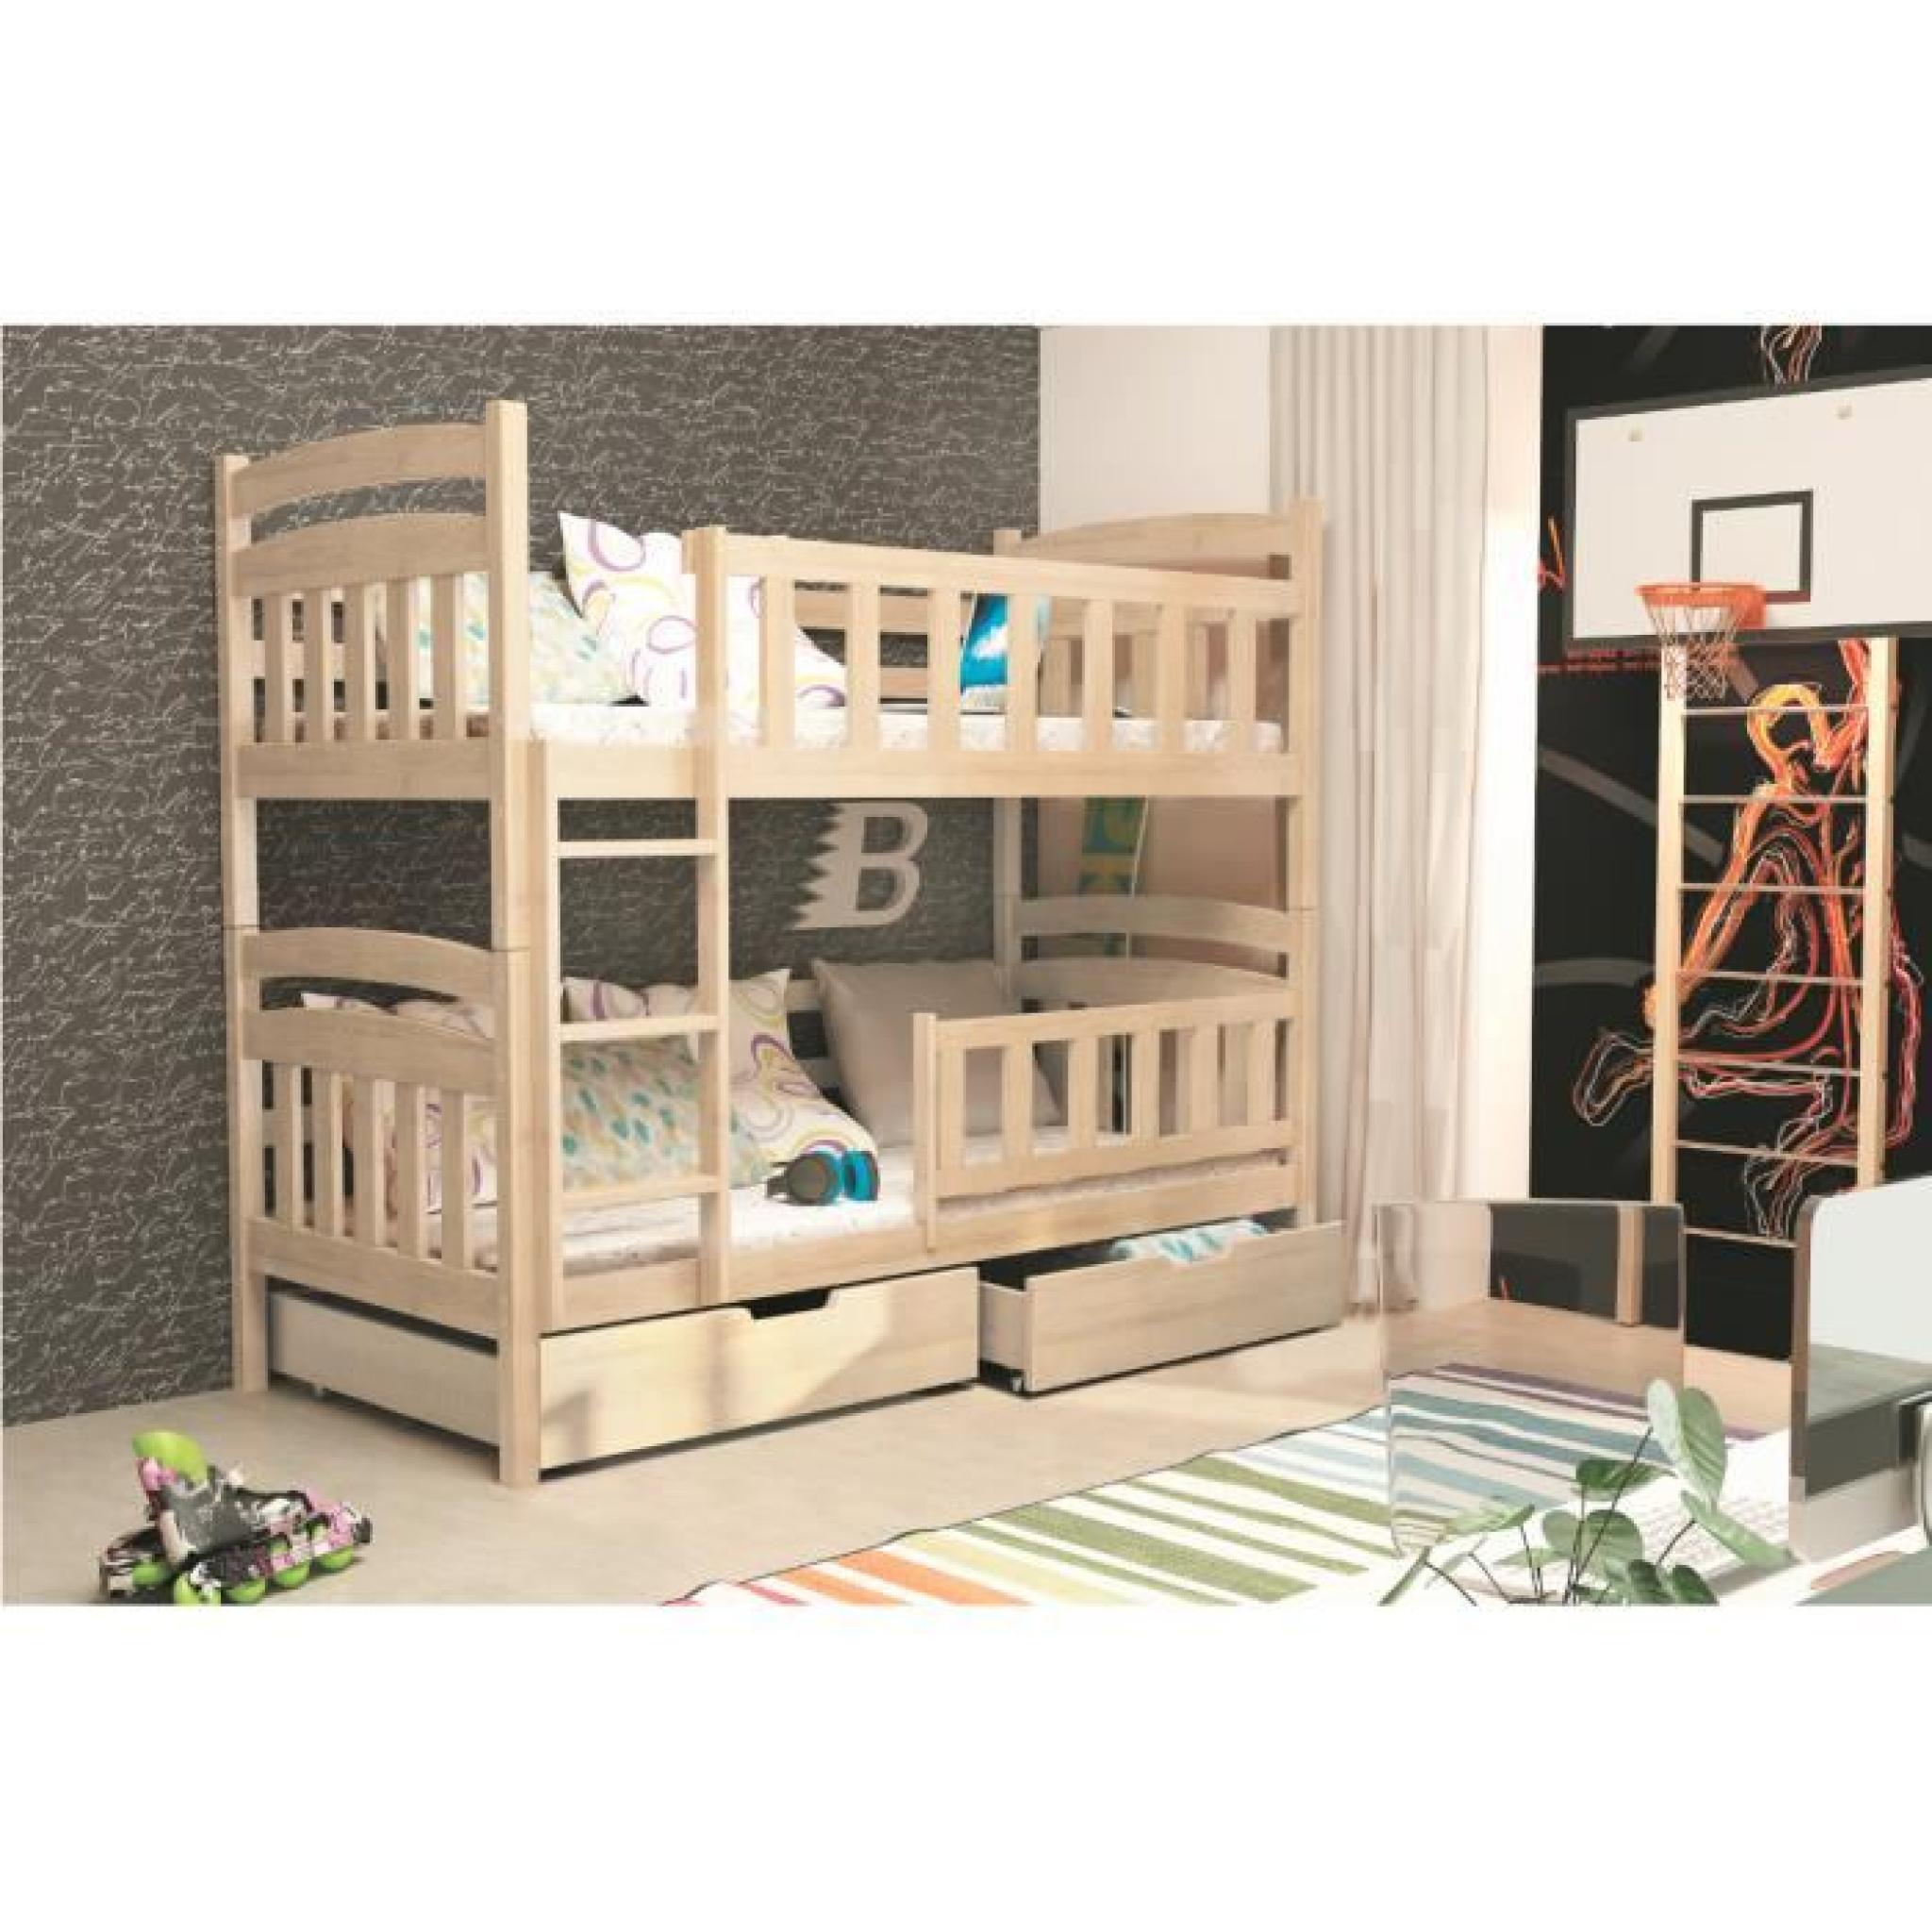 lit superpos enfant kacper 2 pin naturel 185x80 achat. Black Bedroom Furniture Sets. Home Design Ideas